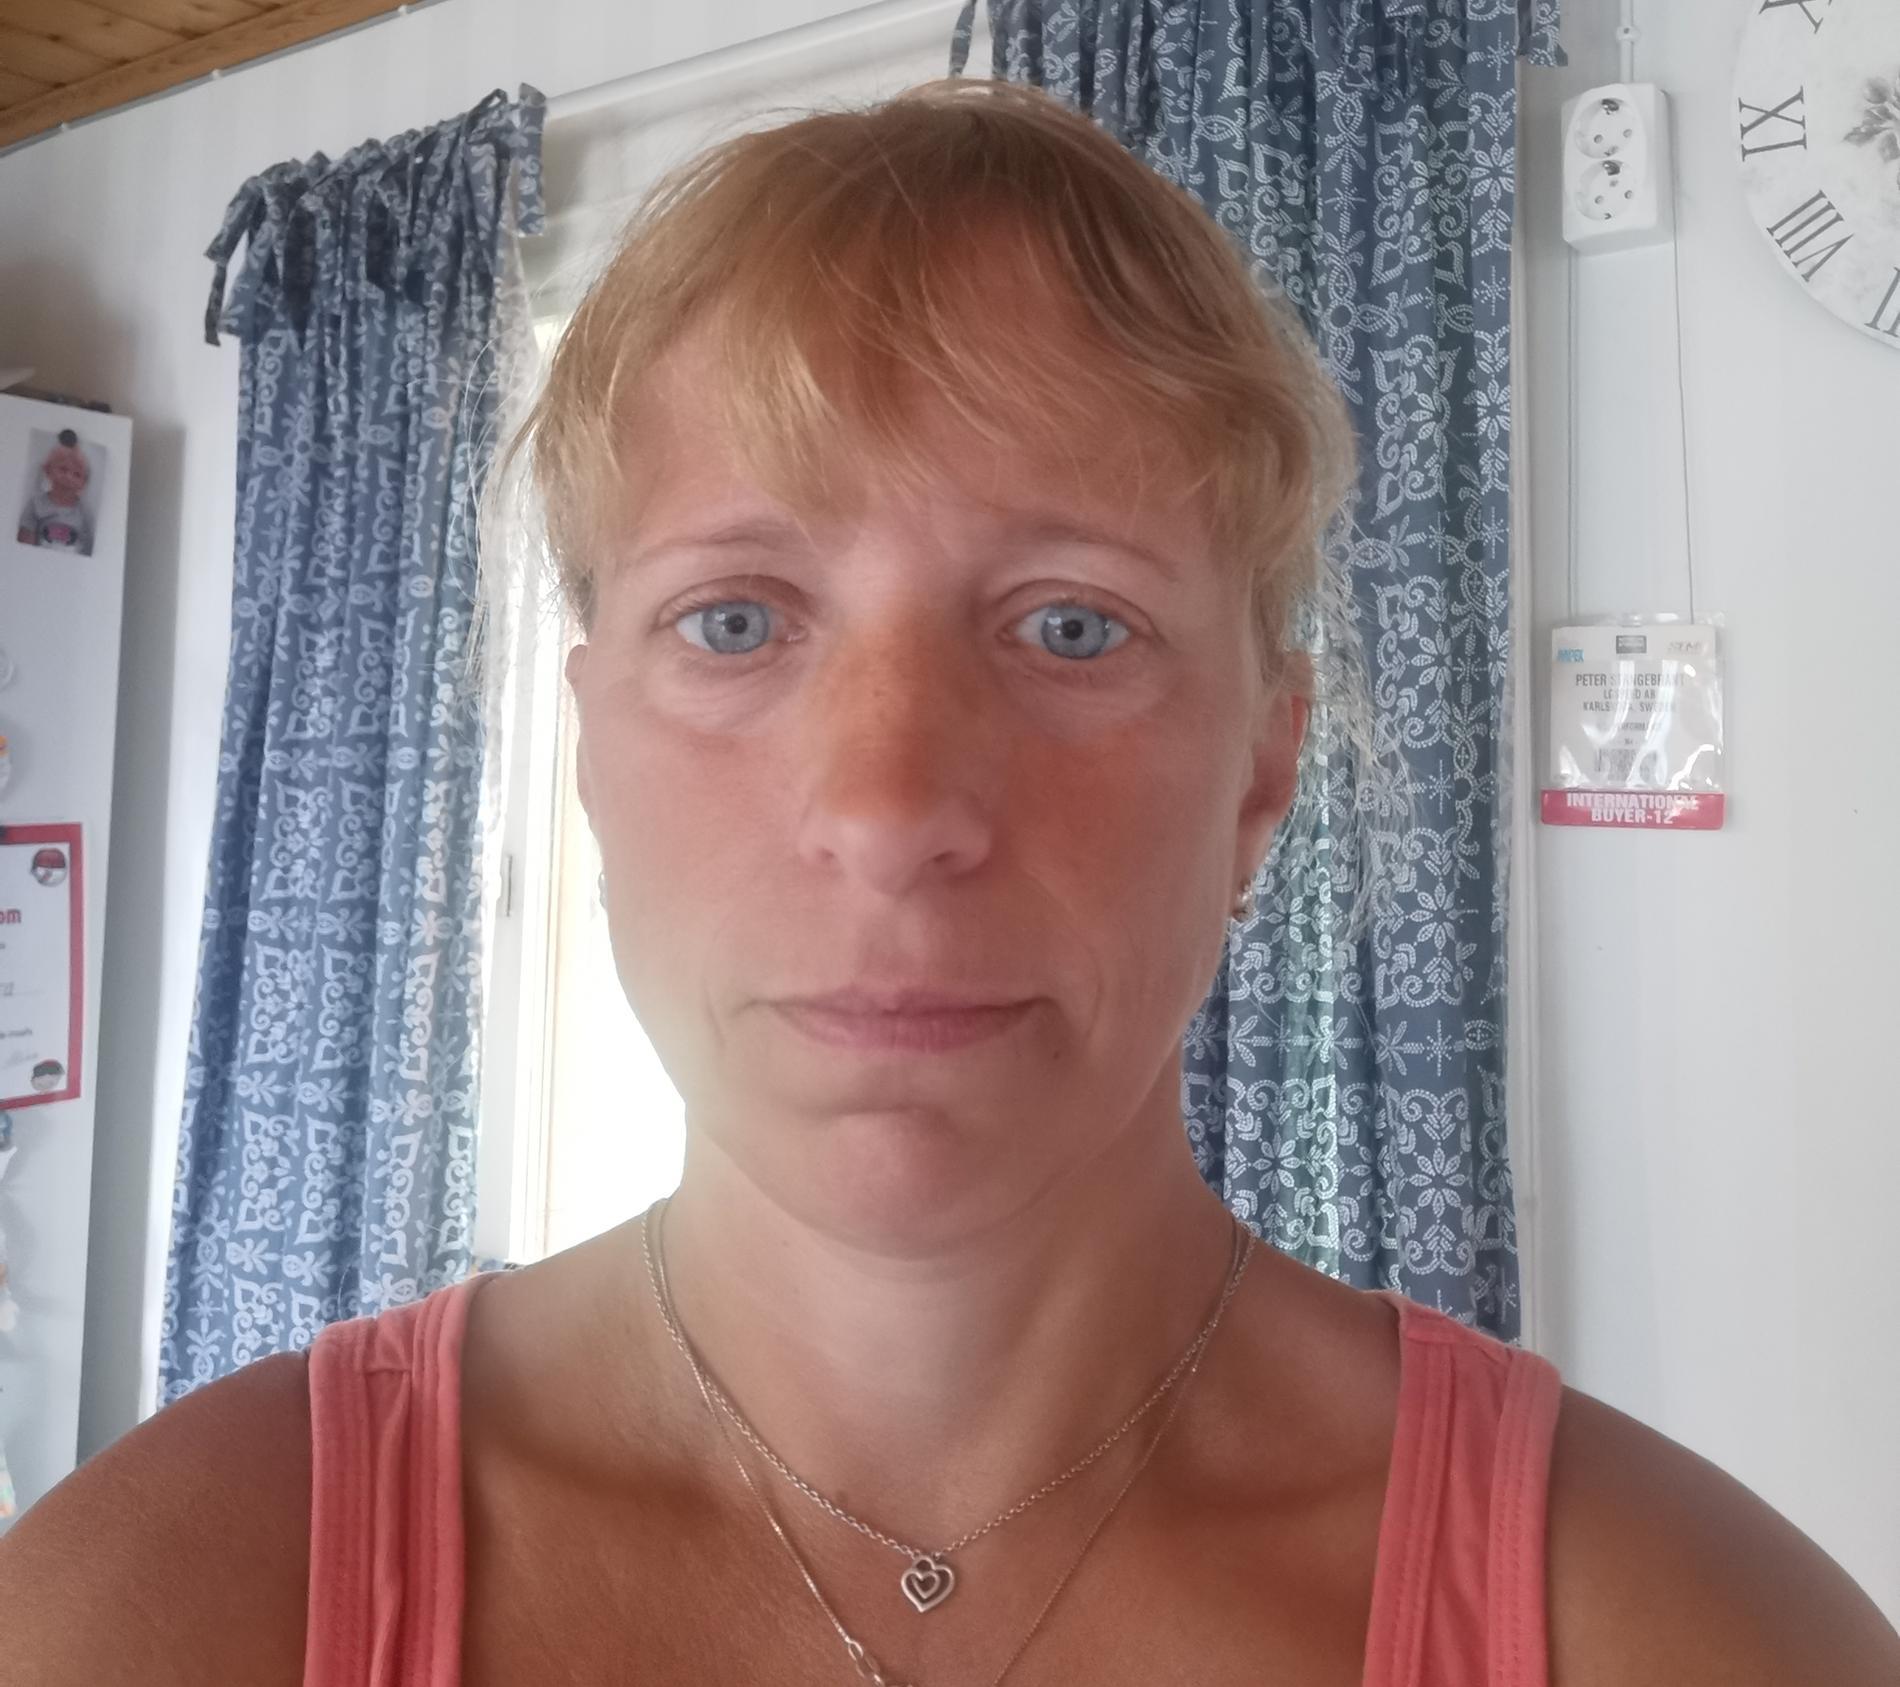 Angelica Stangebrant bor intill vägen och vårdade Sara i 1,5 timme.